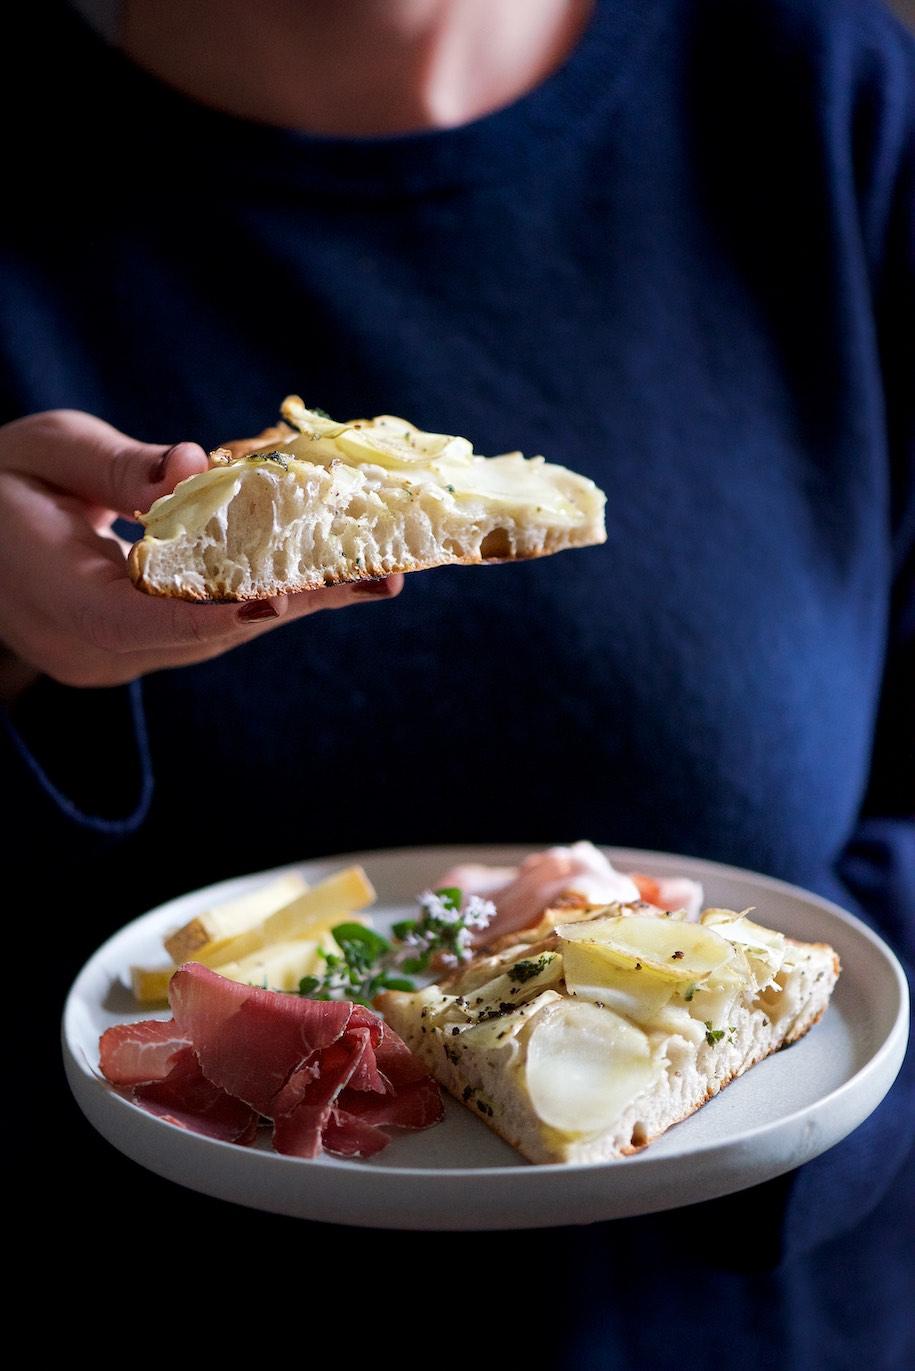 fetta di focaccia con patate tenuta in mano insieme ad un piatto di formaggi e salumi